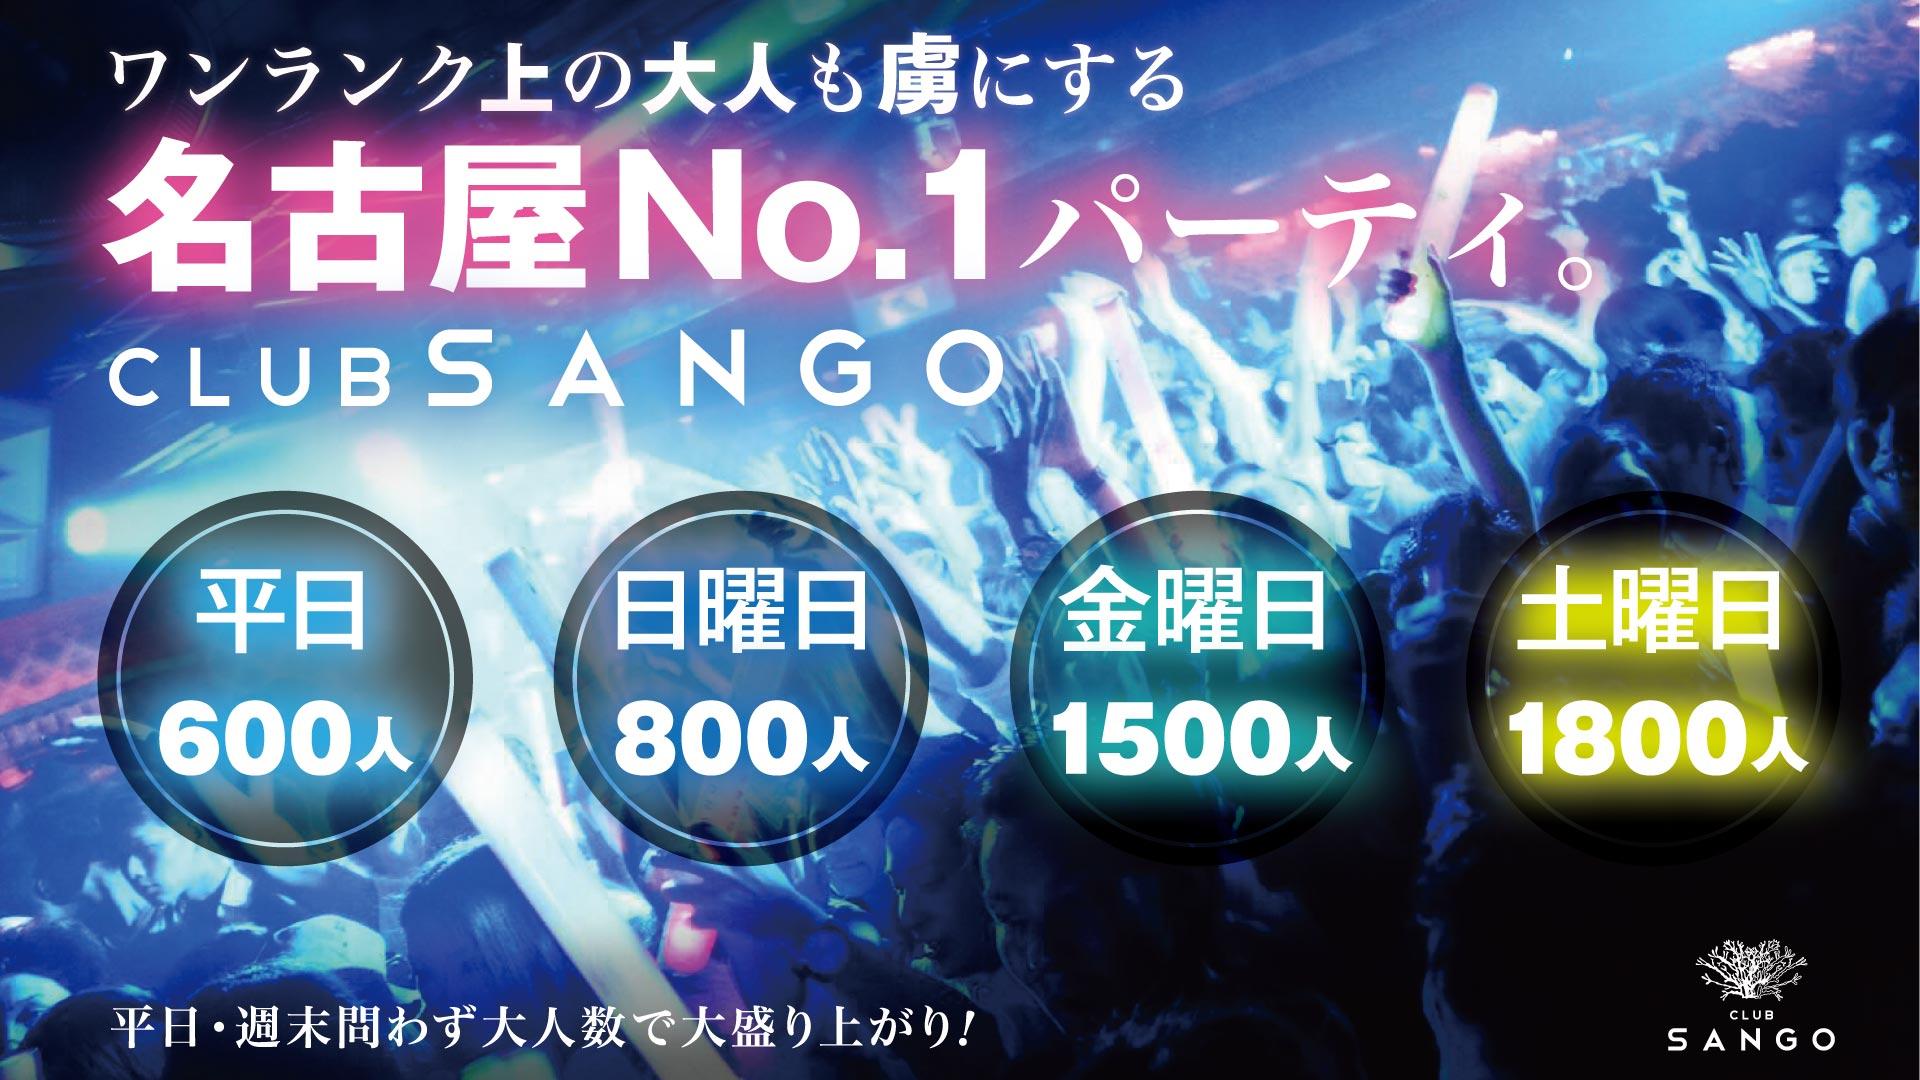 名古屋No.1パーティー。CLUB SANGO